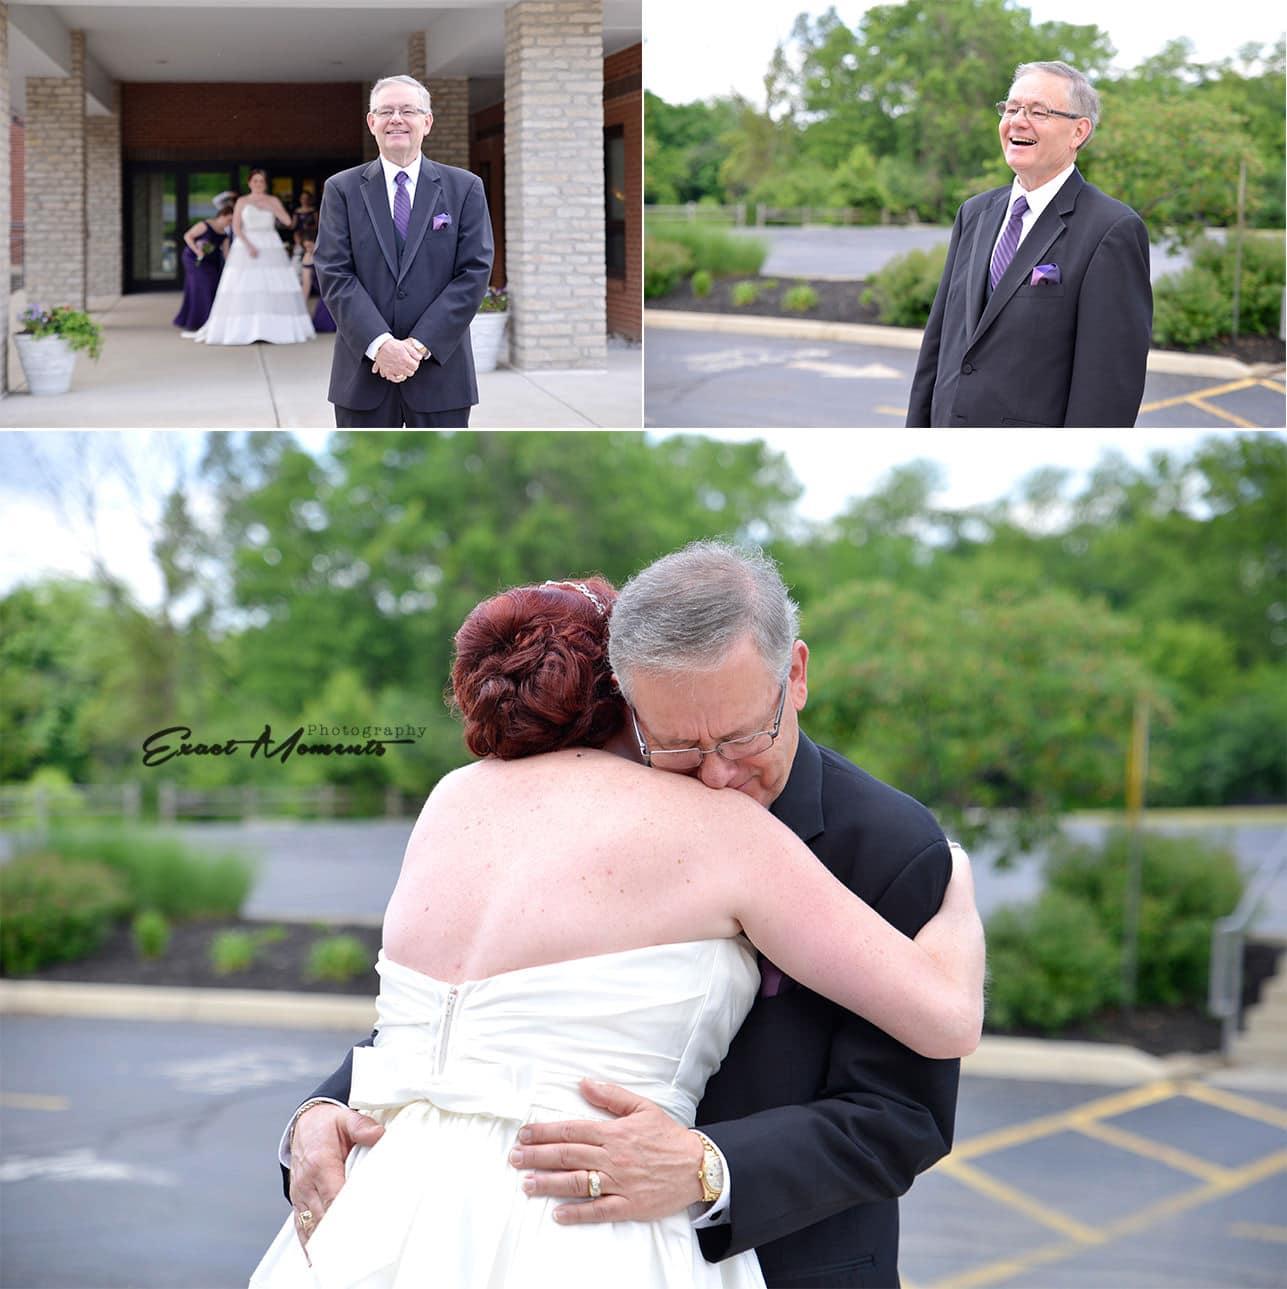 2 wedding photography, Dublin OH